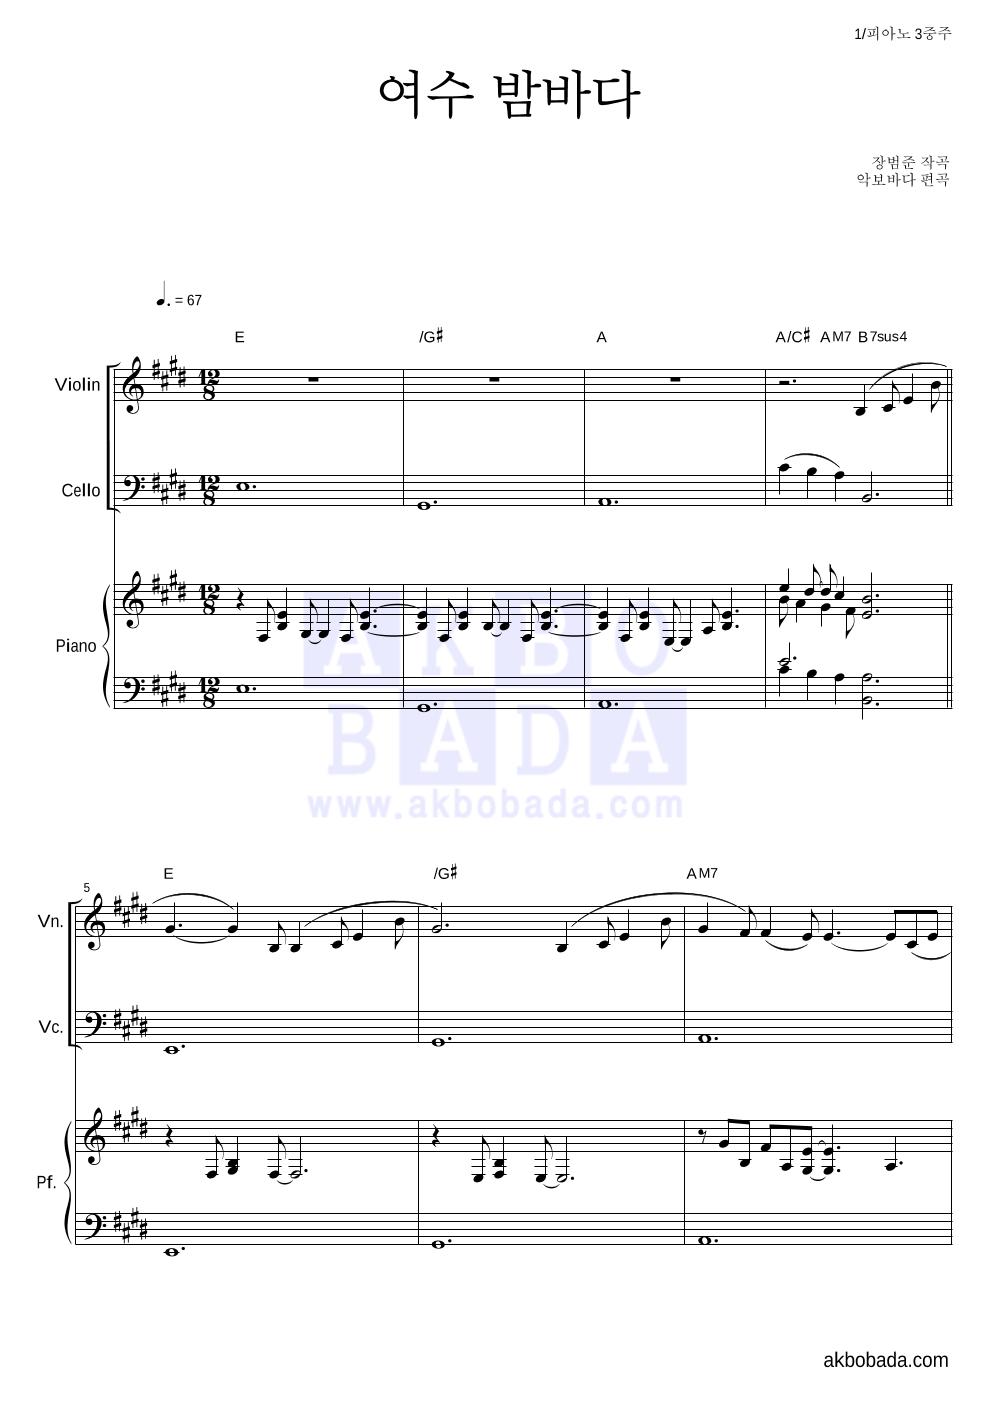 버스커 버스커 - 여수 밤바다 피아노3중주 악보